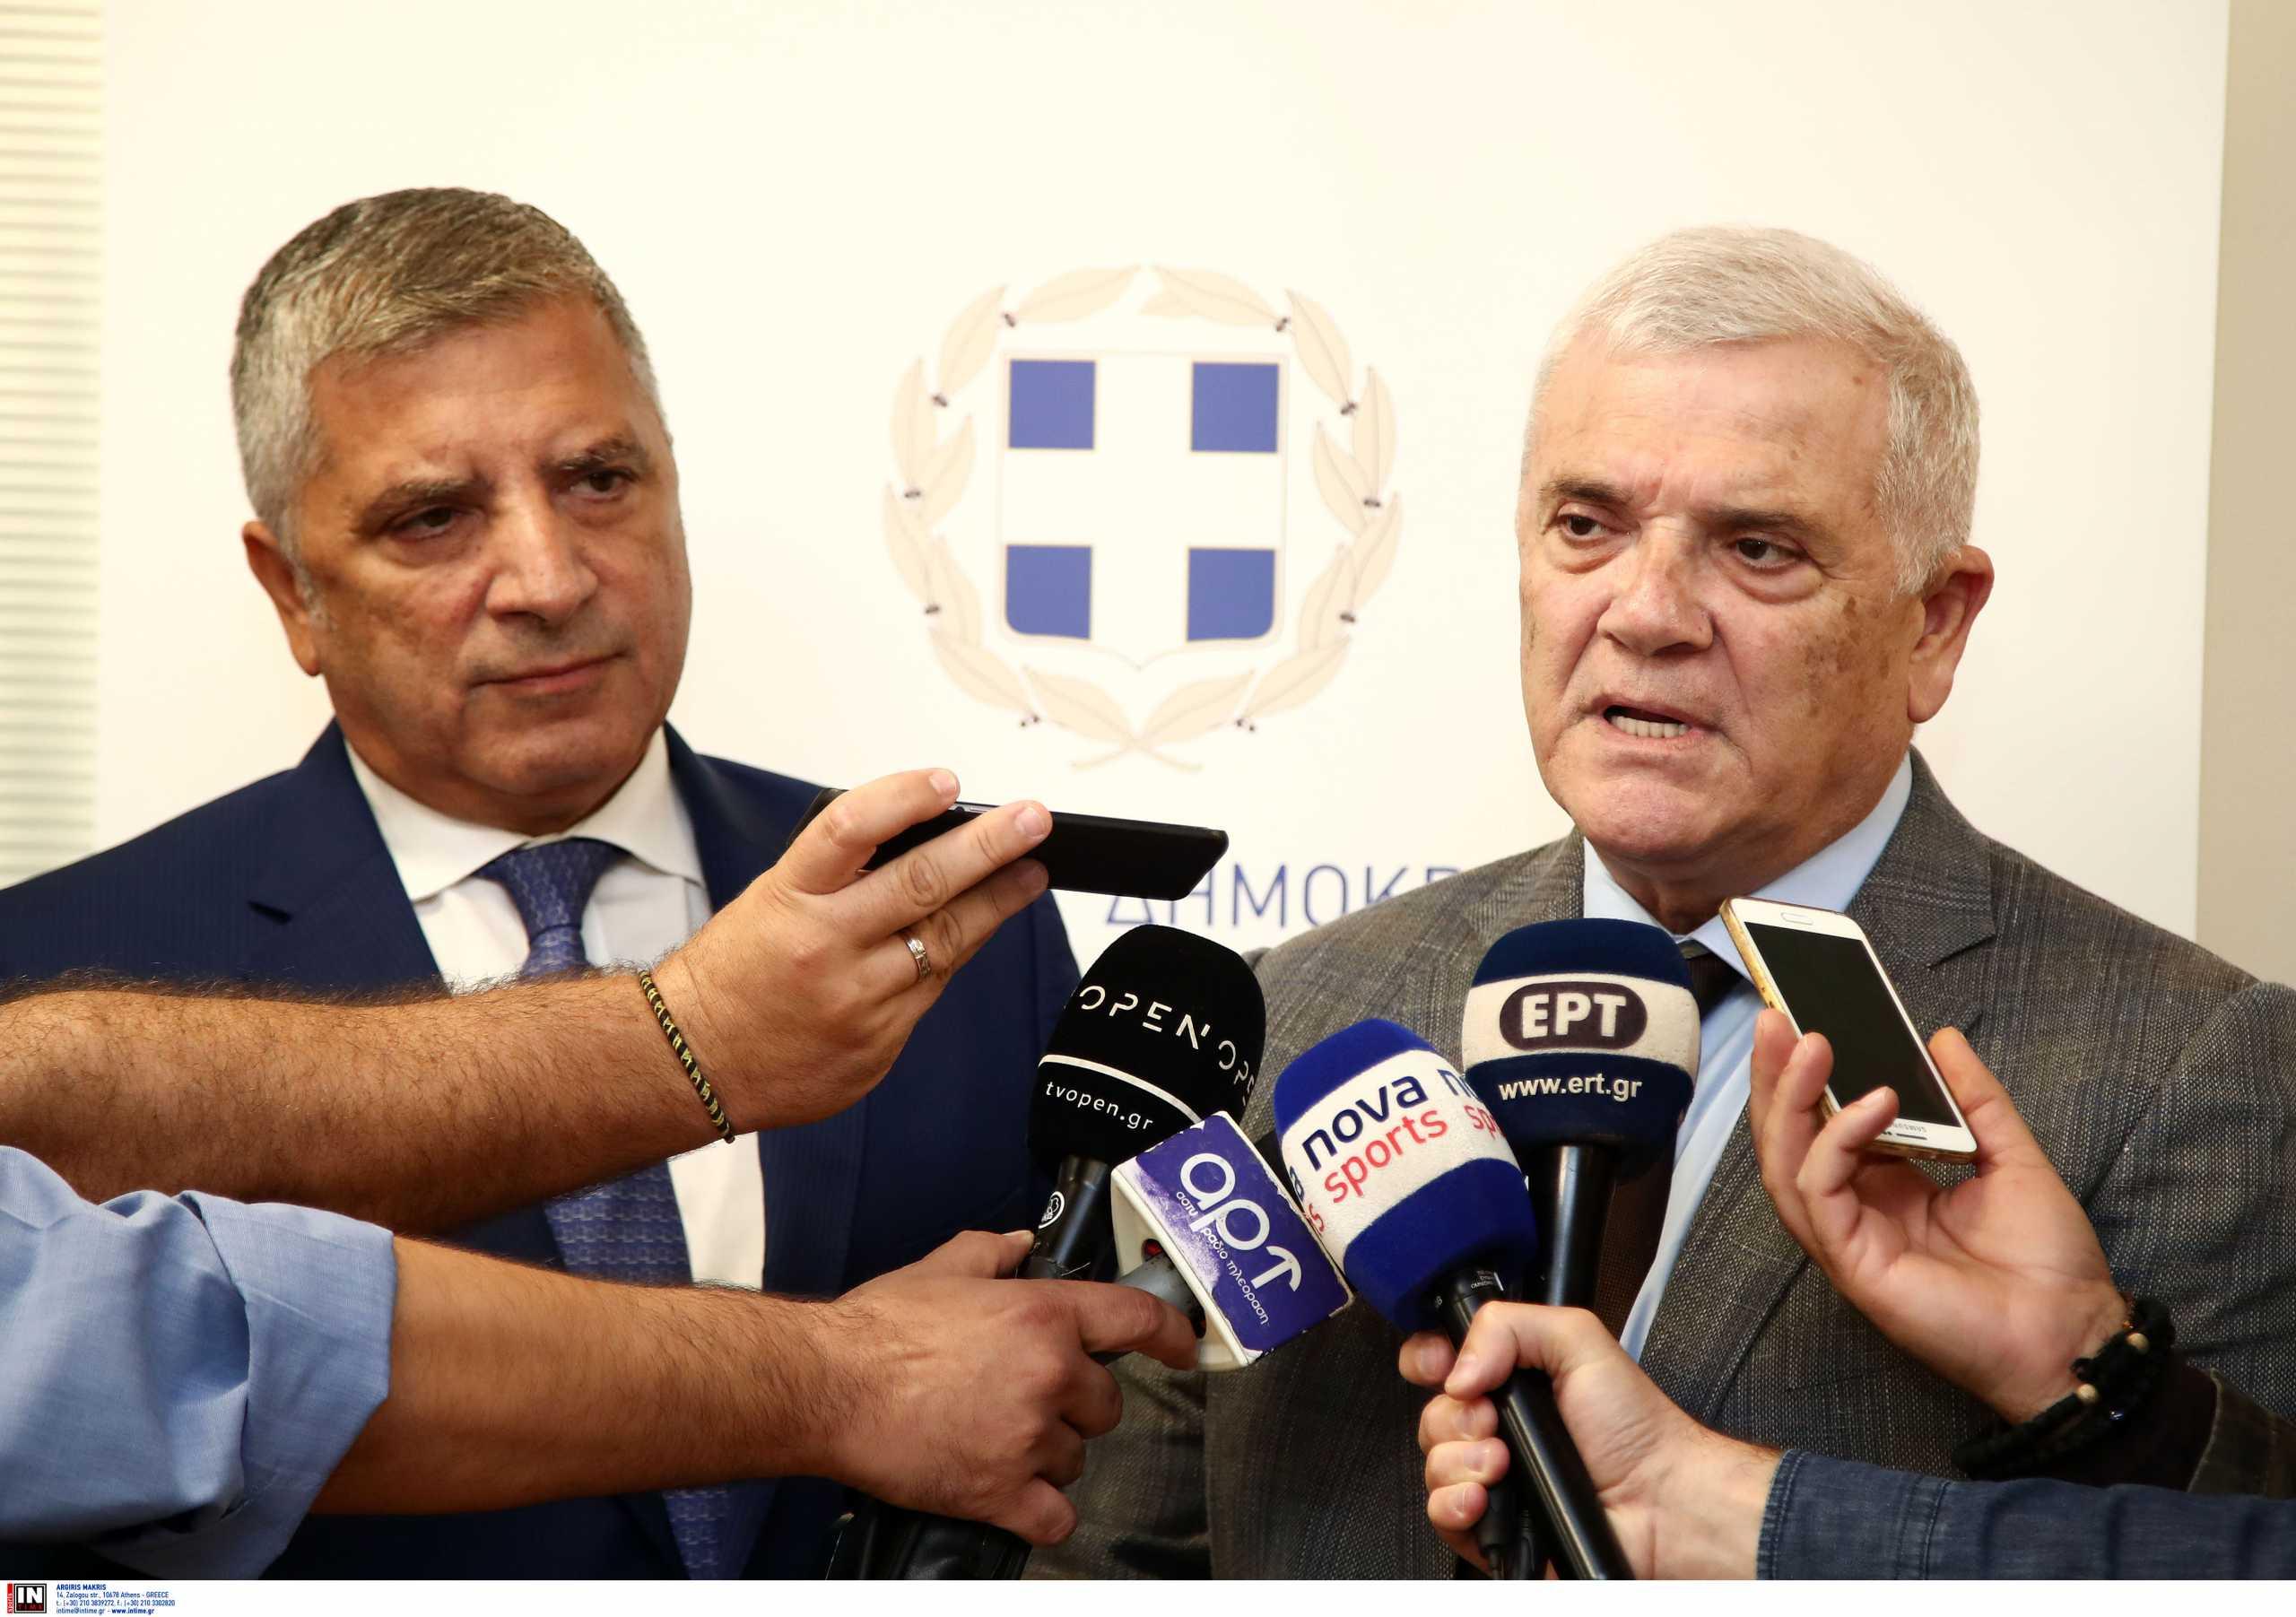 """Μελισσανίδης: «Στόχος τέτοια εποχή του χρόνου να κάνουμε τα εγκαίνια της """"Αγιά Σοφιάς""""»"""